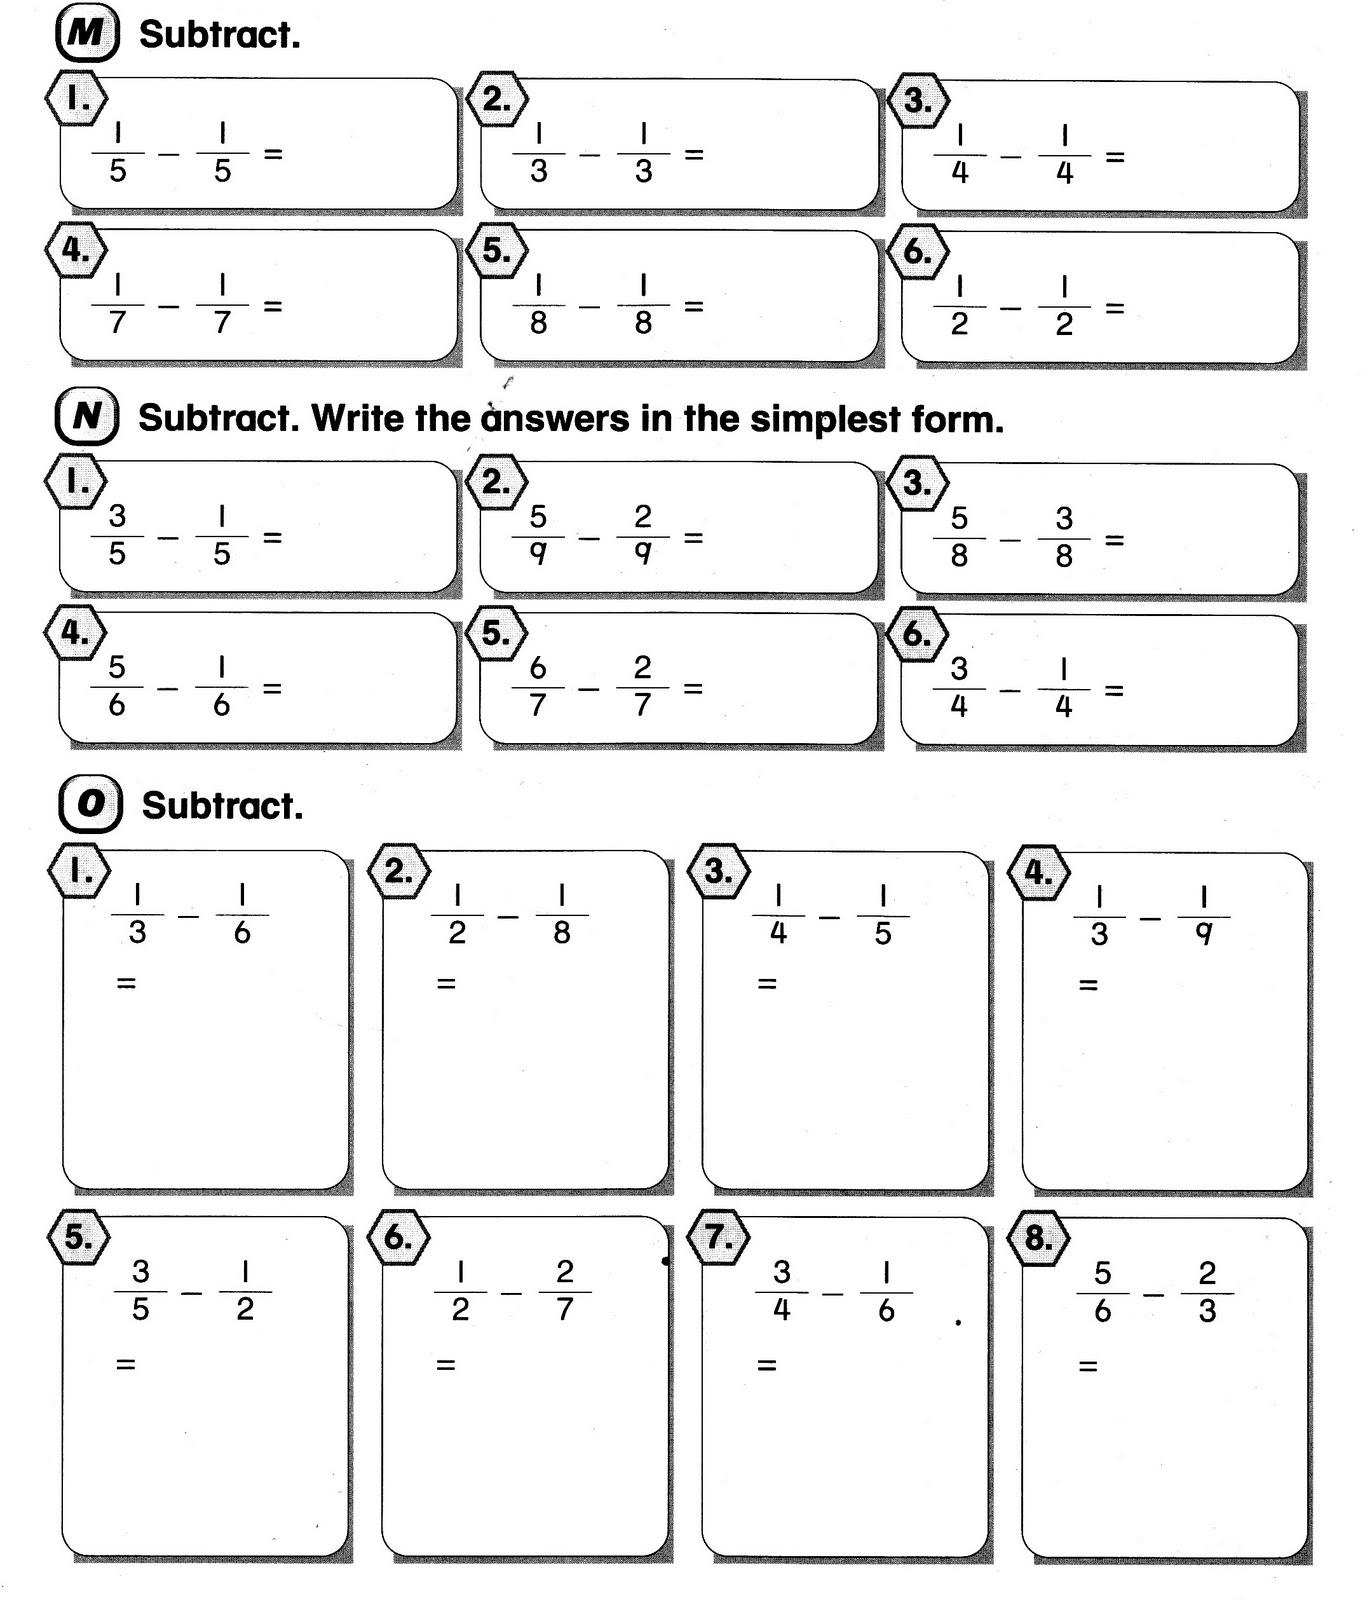 Soalan Latihan Matematik Tahun 4 Pecahan Terbaik Keseronokan Matematik Worksheets Of Dapatkan soalan Latihan Matematik Tahun 4 Pecahan Yang Berguna Khas Untuk Murid Lihat!